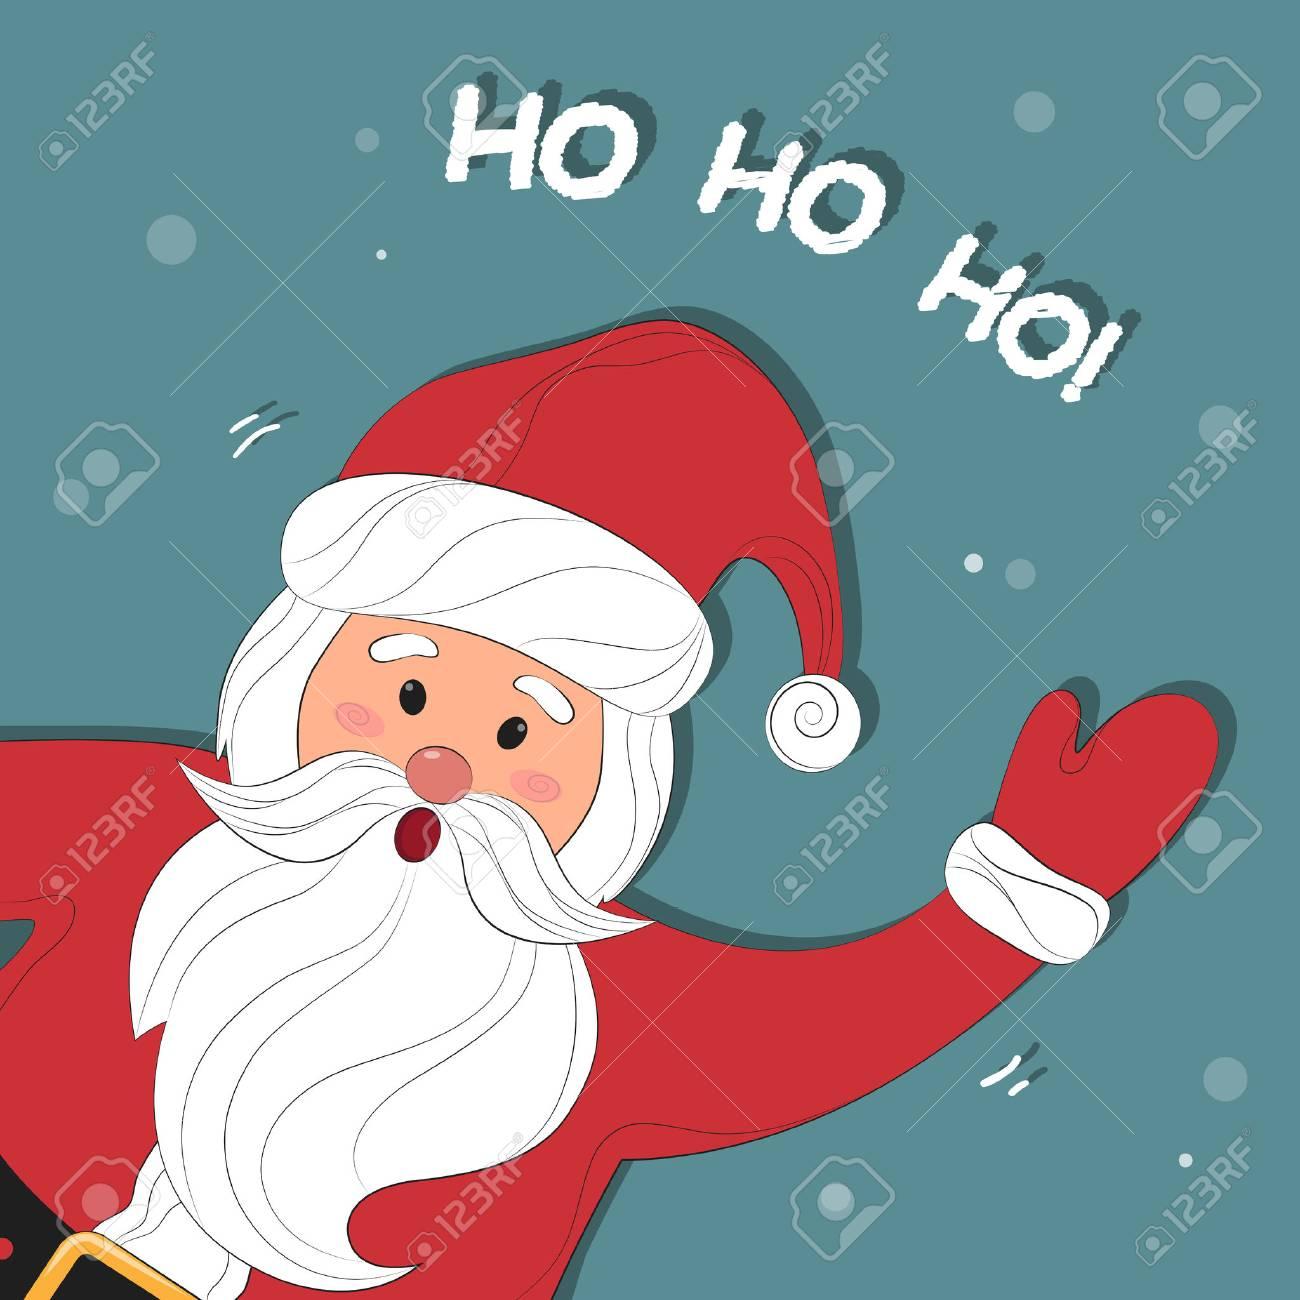 Ho Ho Ho Pere Noel Santa Claus Cartoon. Christmas Background With Santa Claus. Merry